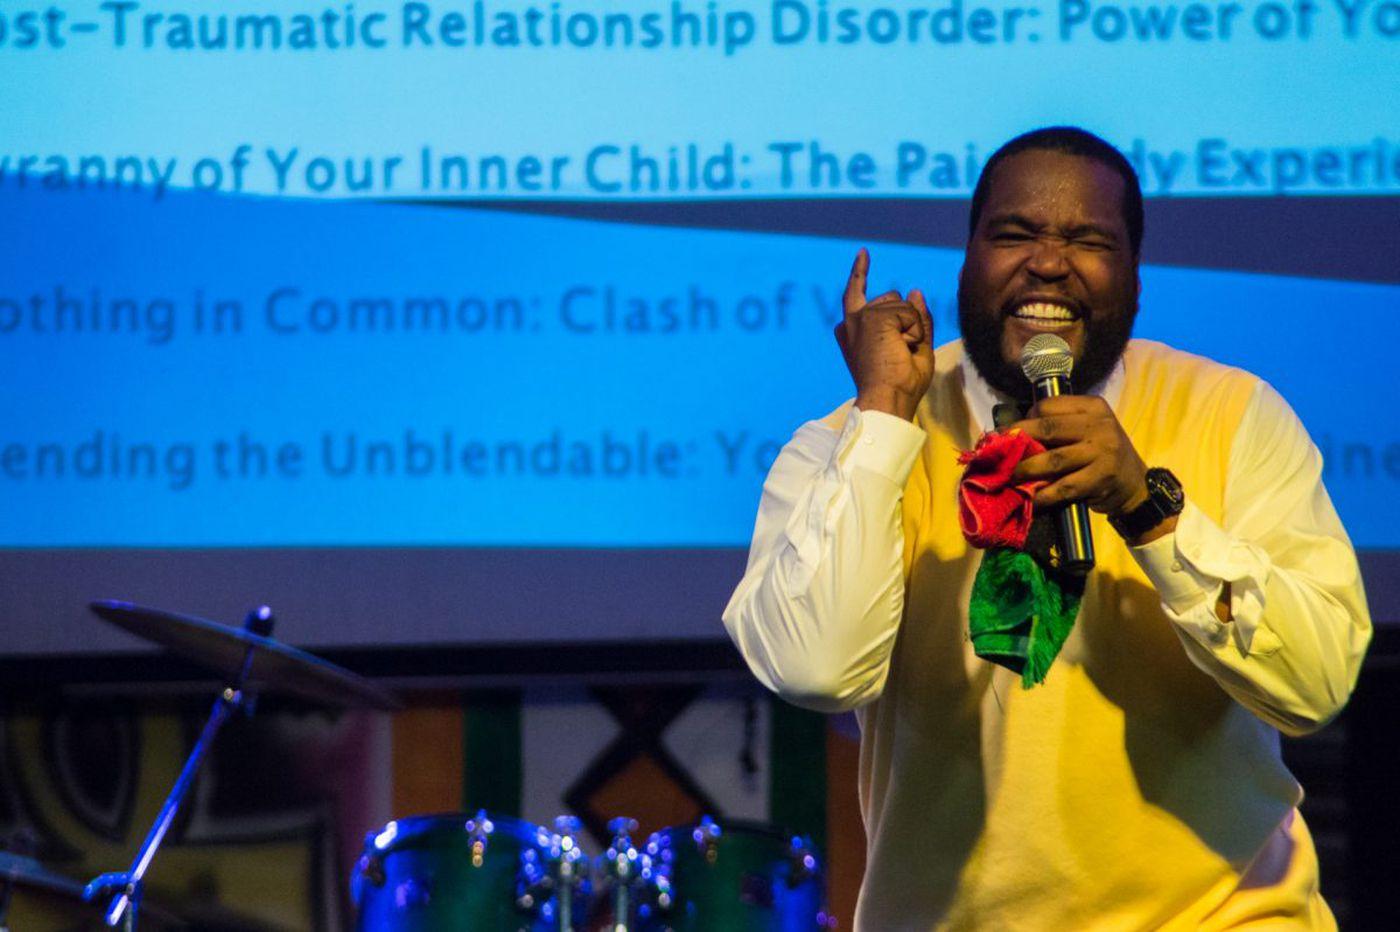 Popular speaker Umar Johnson faces fines over lack of psychology license